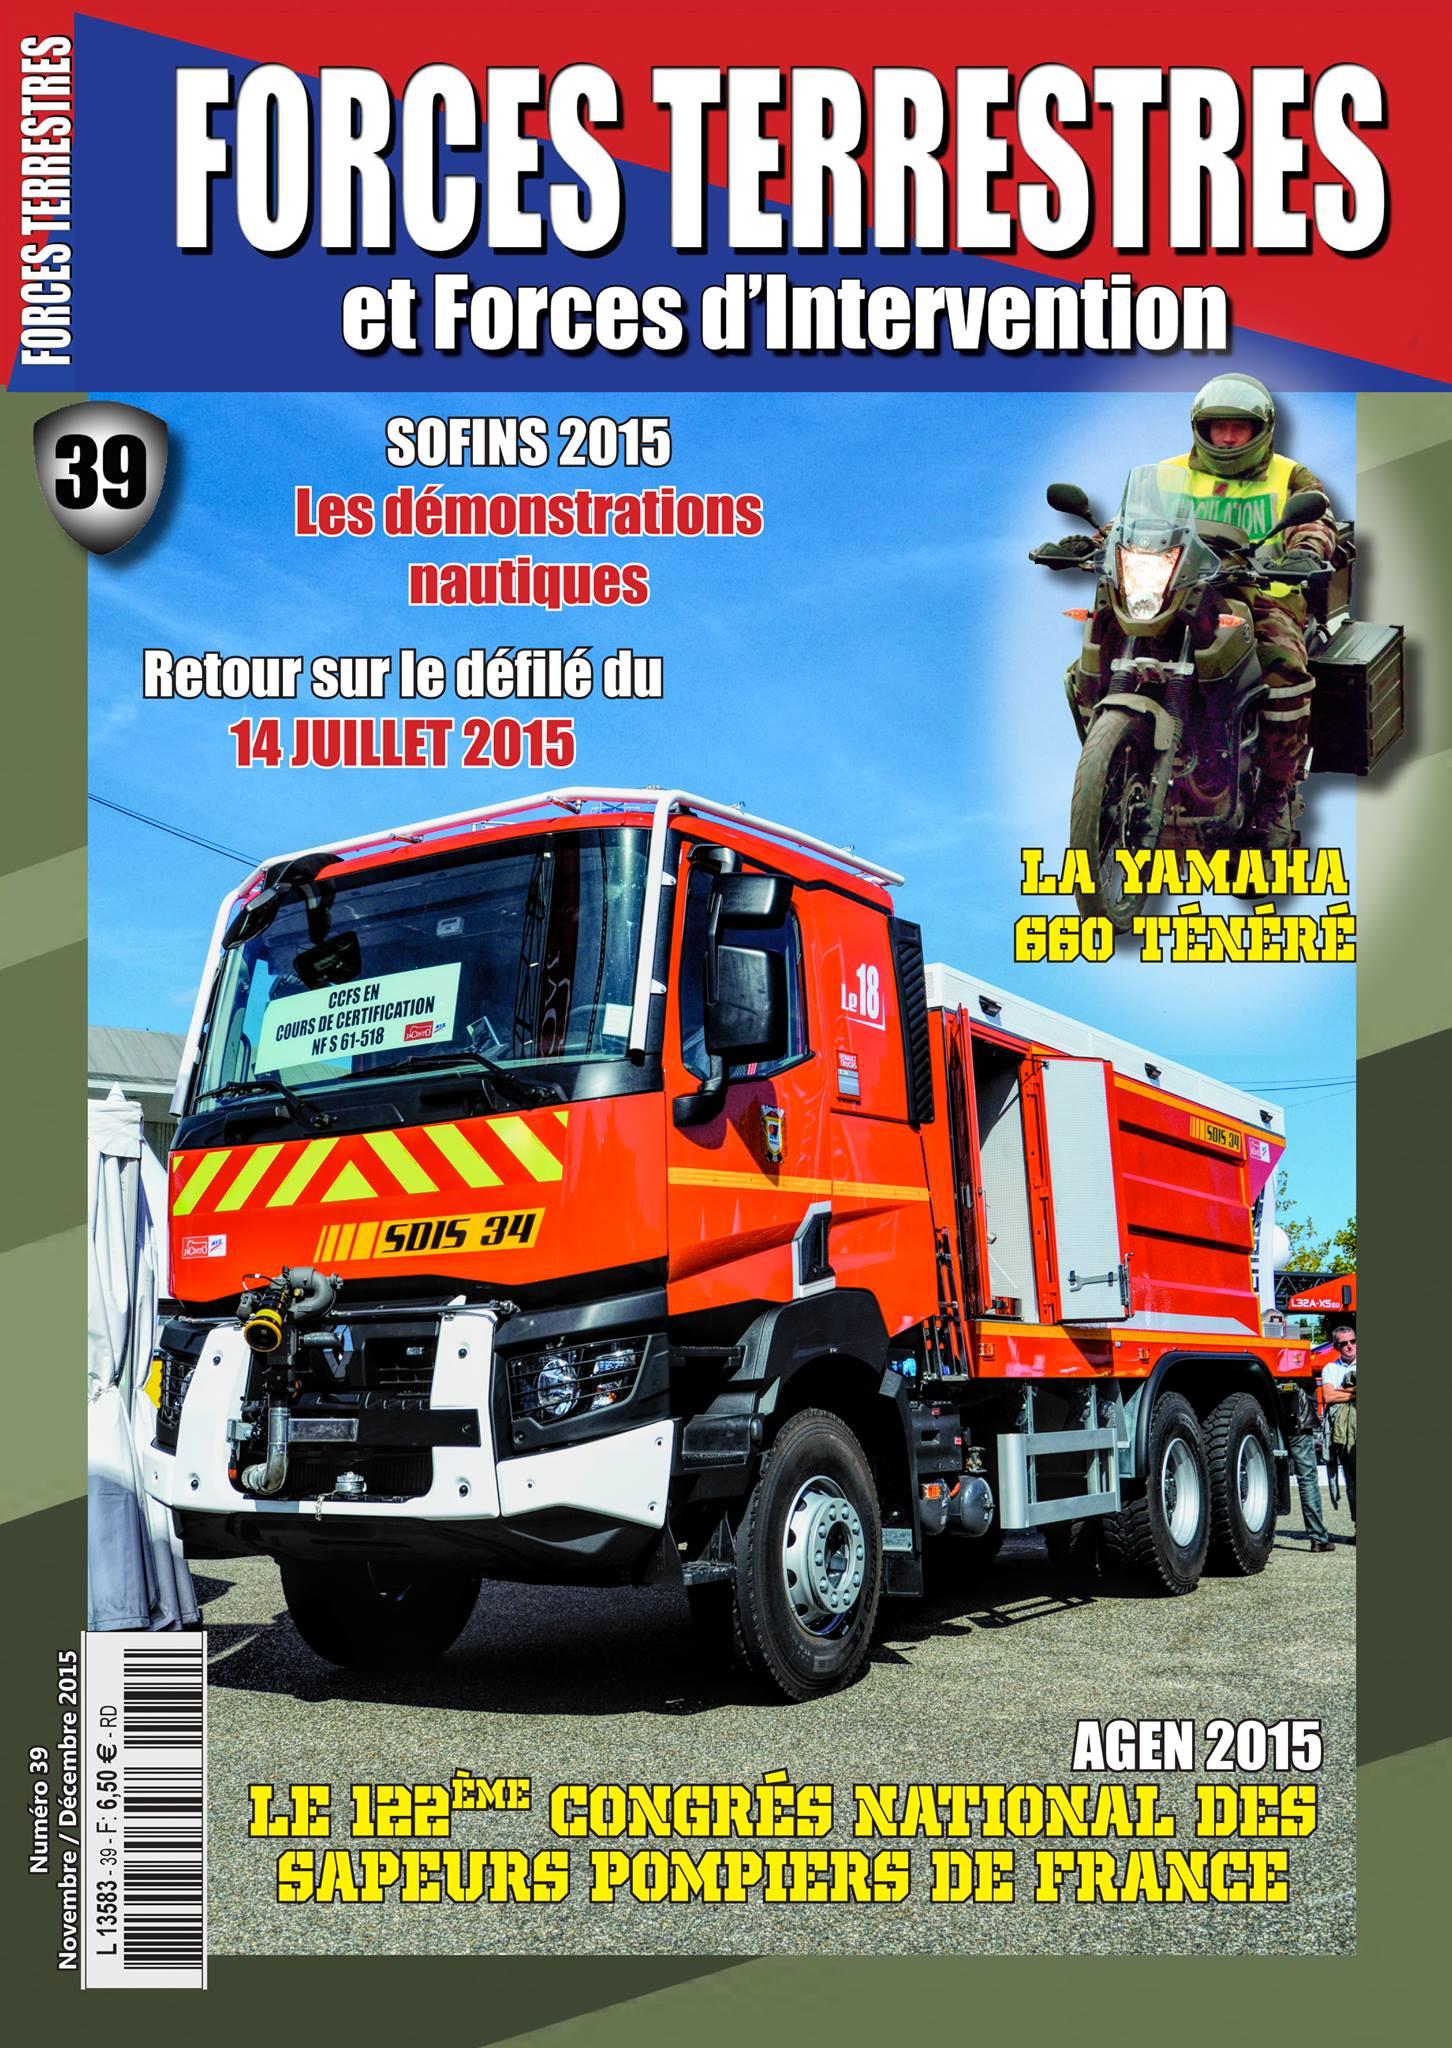 Forces Terrestres N°39 (Etranger)